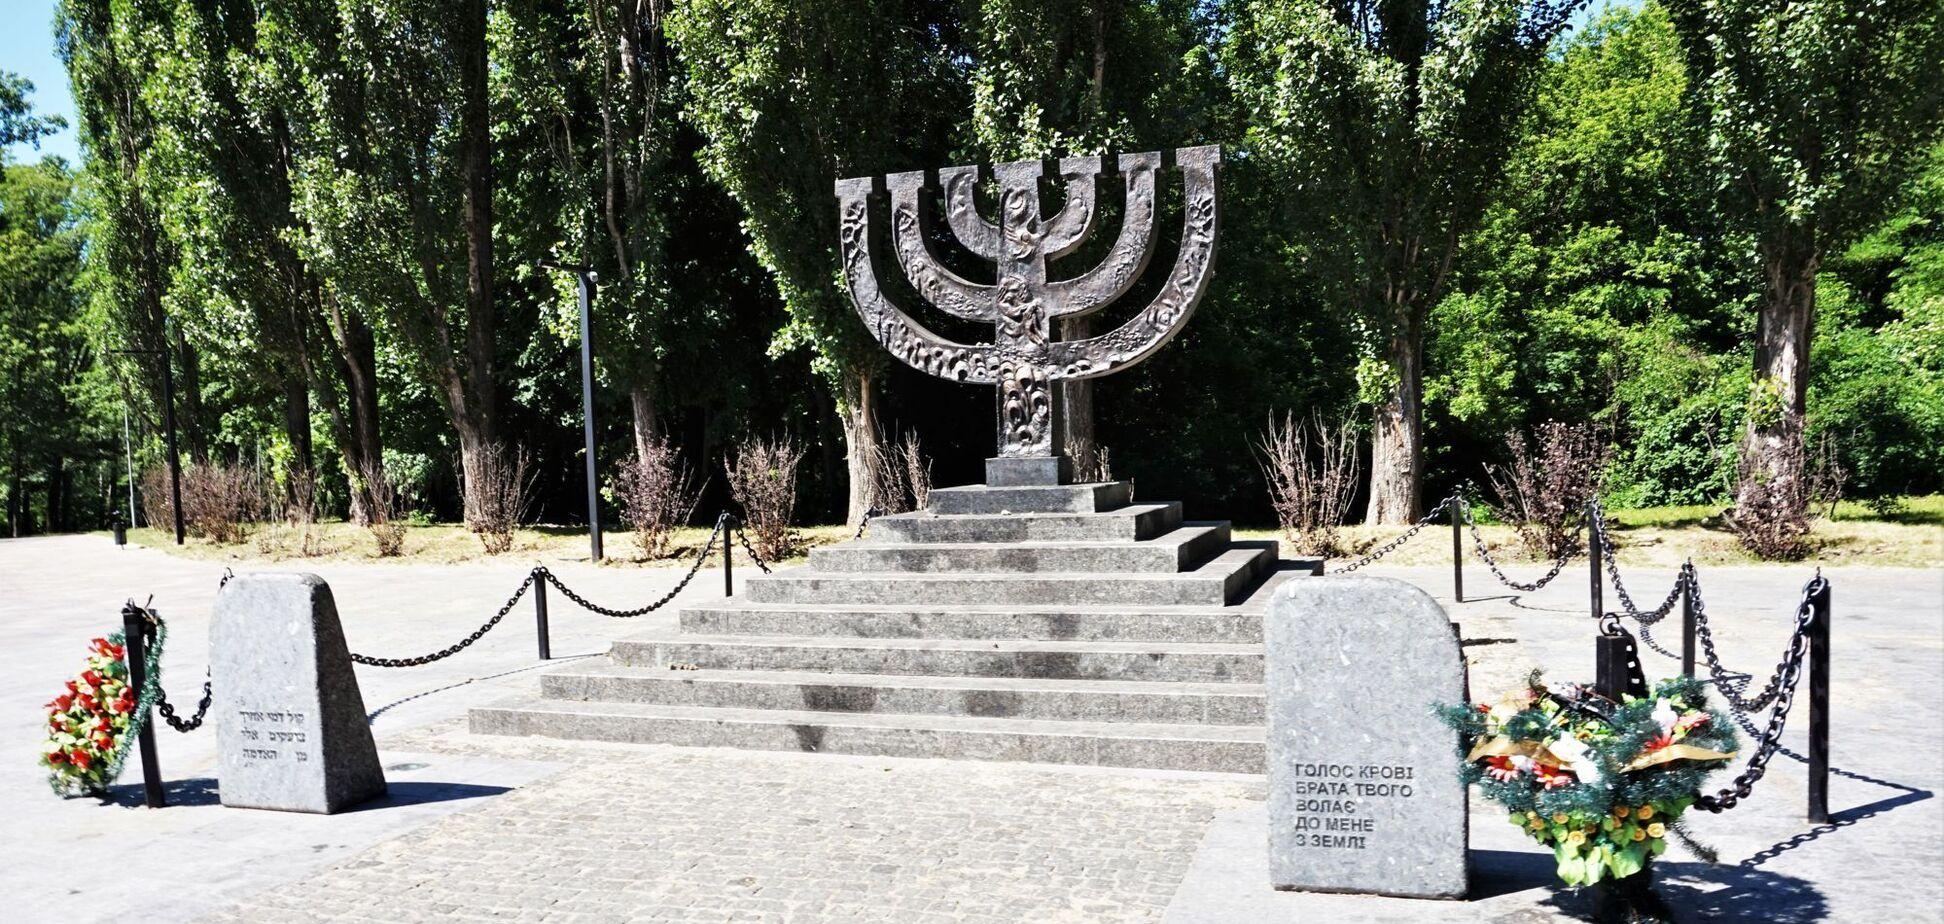 Мемориальный центр Холокоста будет создан исключительно на базе украинской концепции, – раввин Яков Дов Блайх